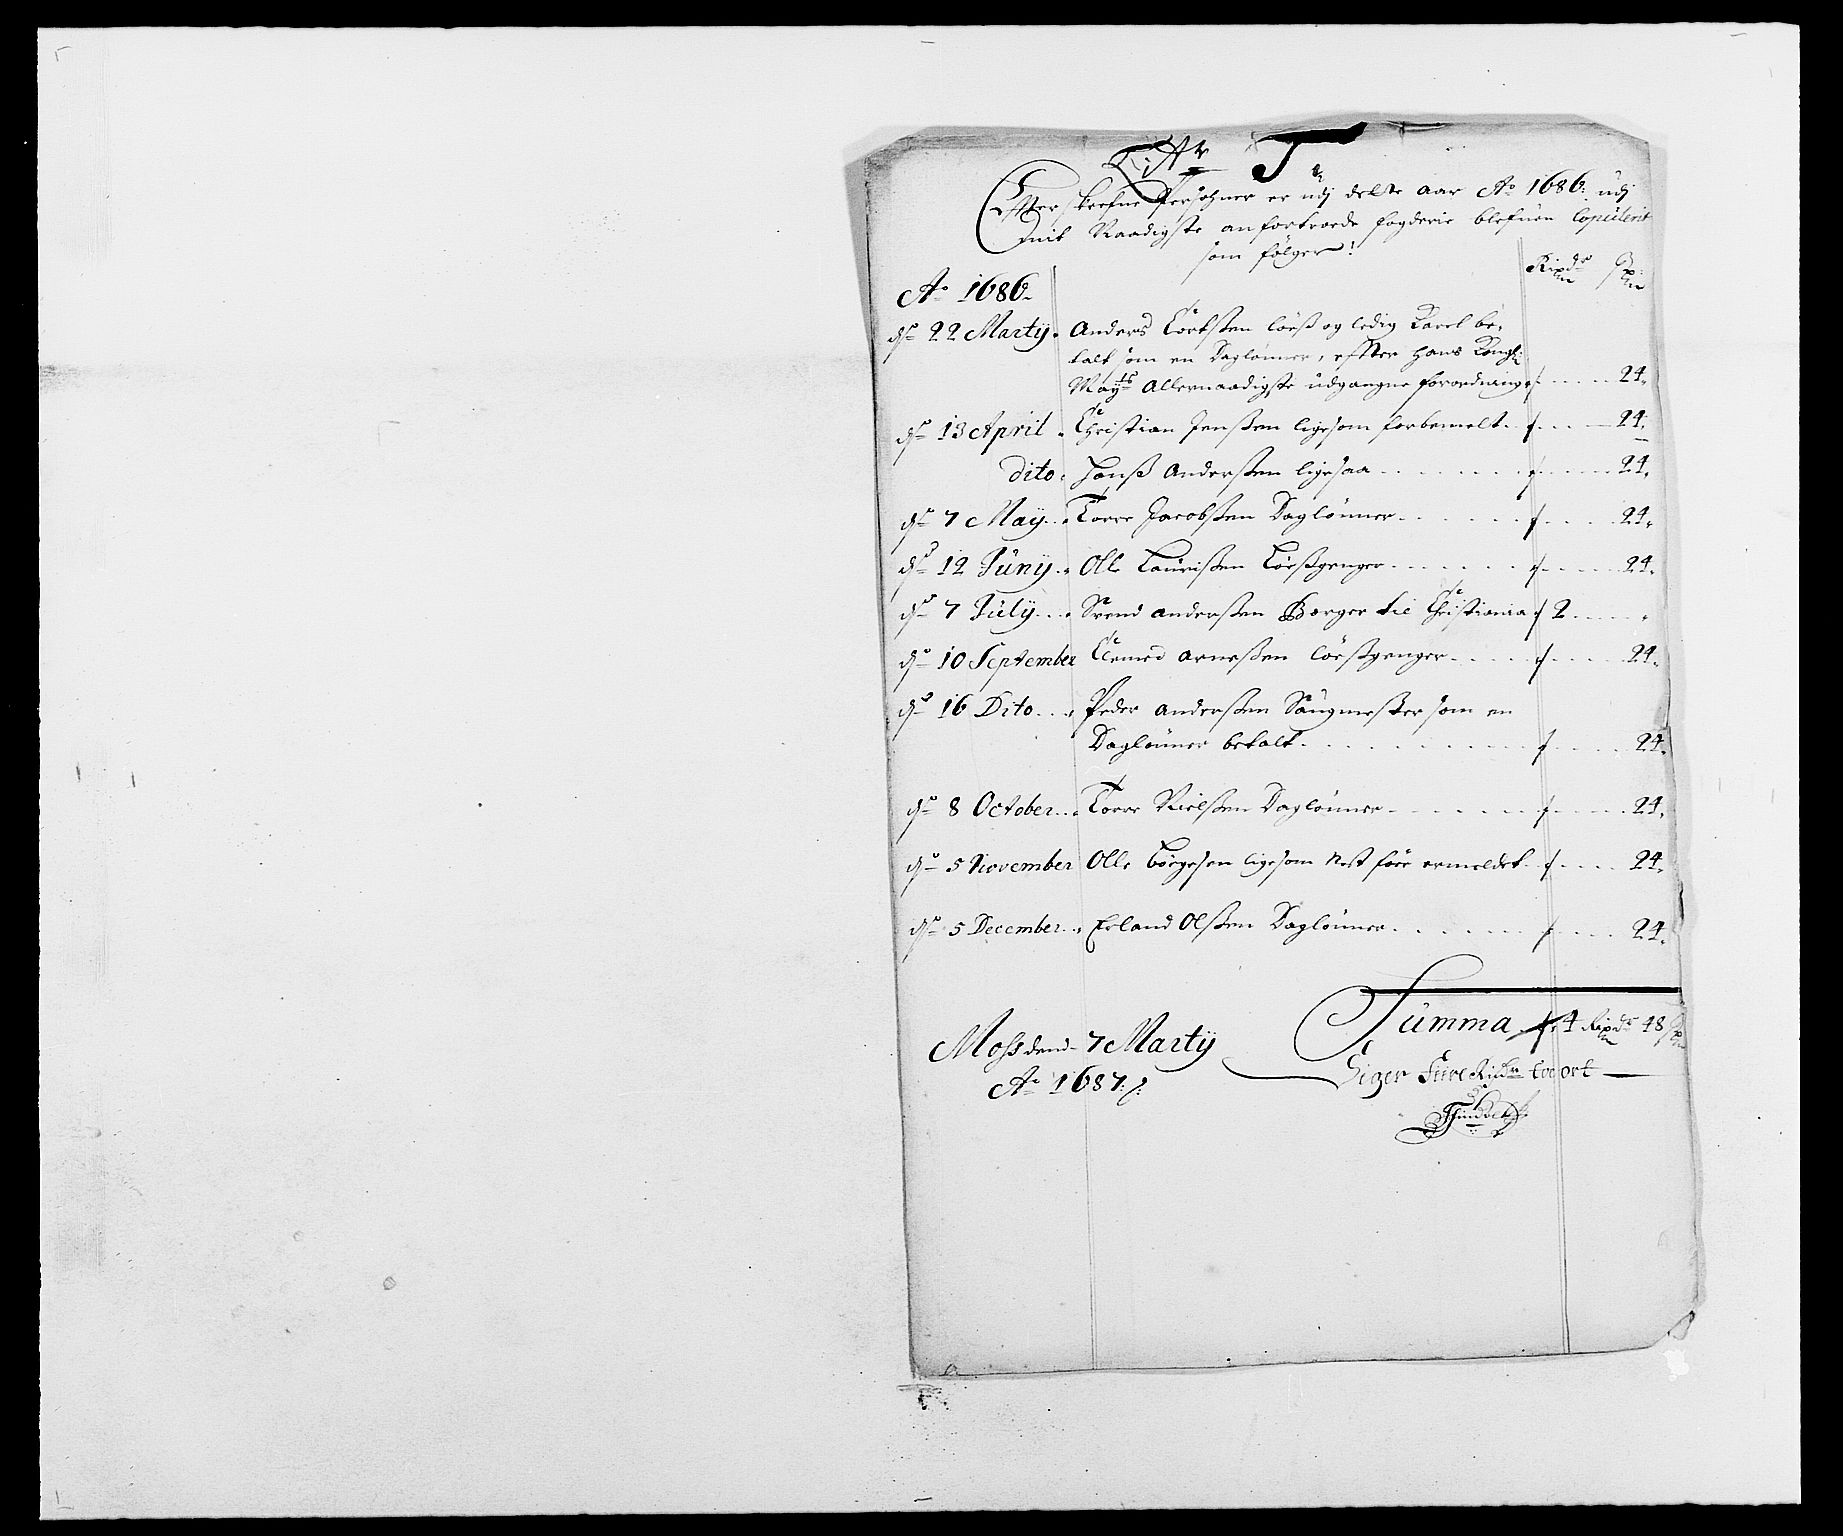 RA, Rentekammeret inntil 1814, Reviderte regnskaper, Fogderegnskap, R02/L0105: Fogderegnskap Moss og Verne kloster, 1685-1687, s. 260